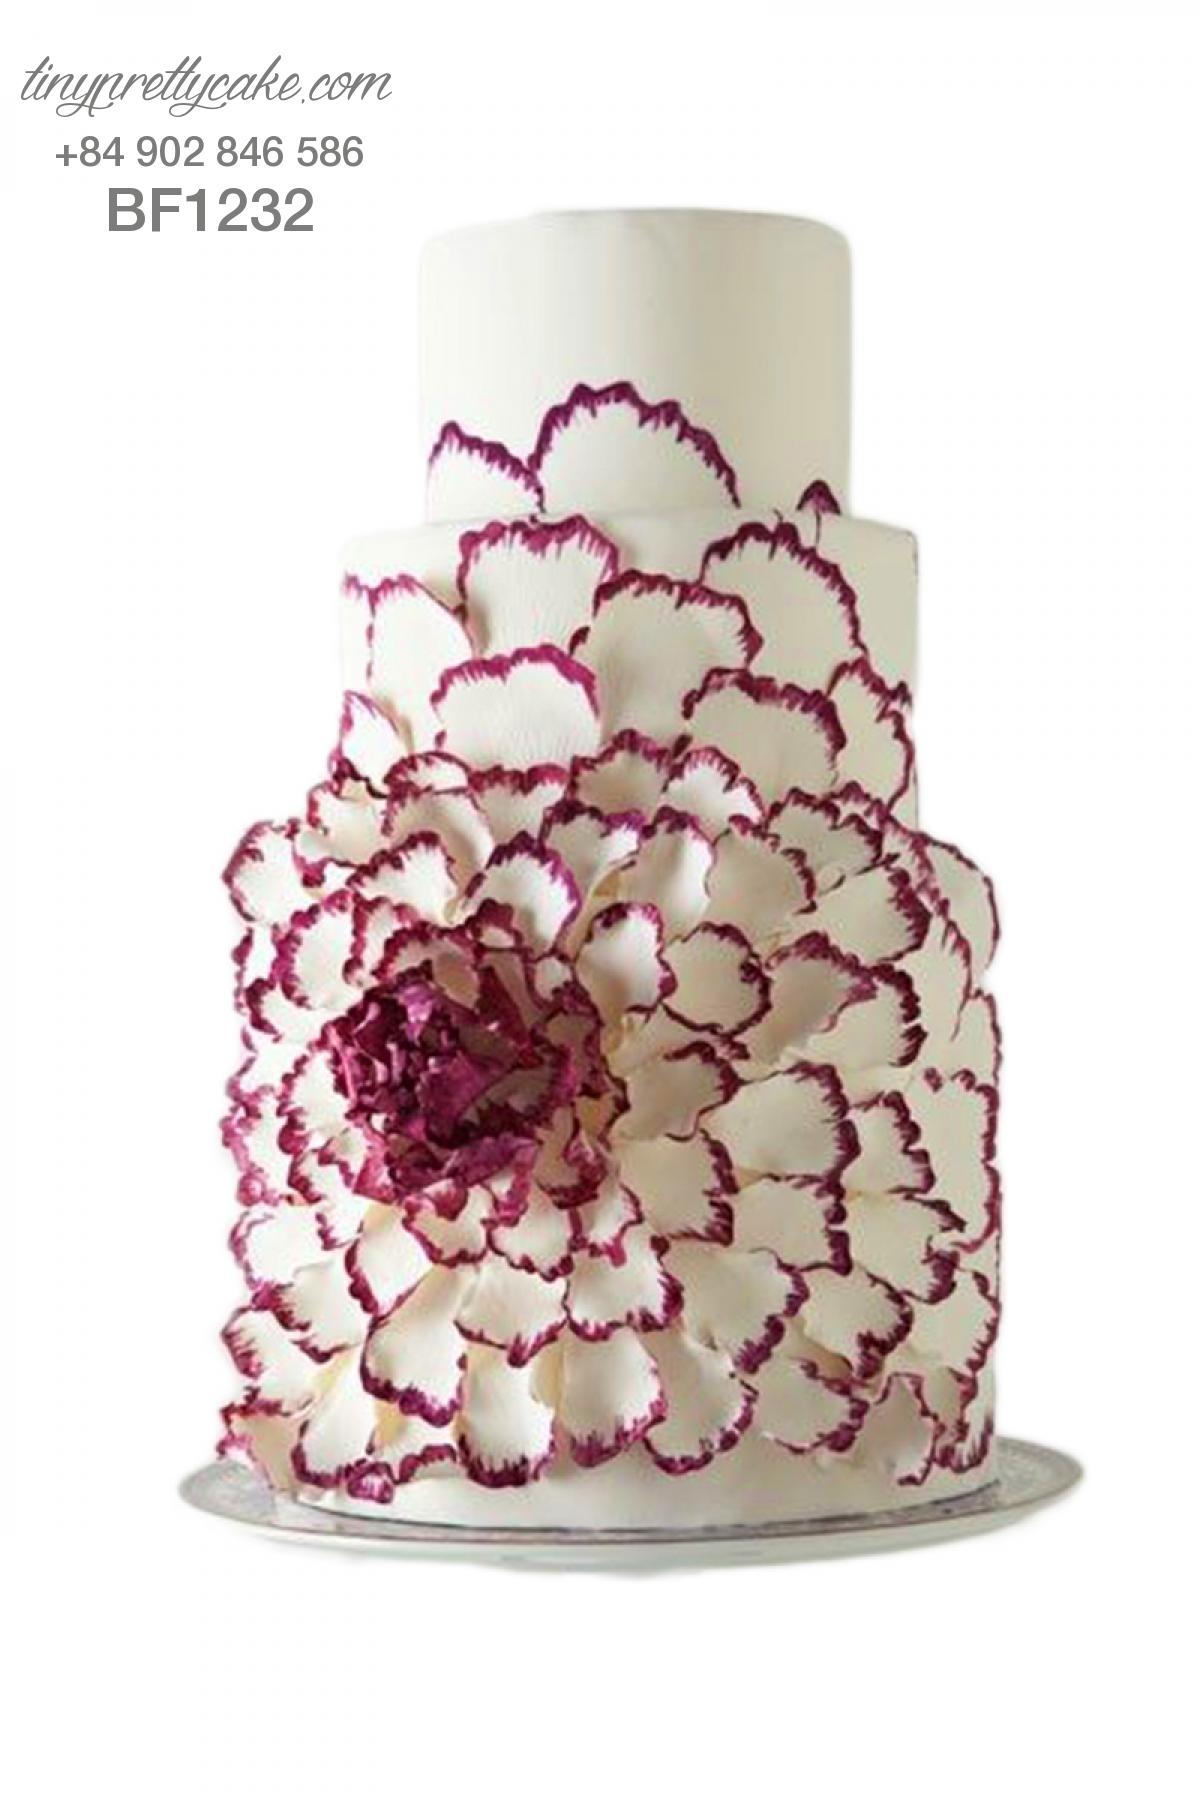 Bánh gato hoa nghệ thuật cực độc cho phụ nữ (BF1232)